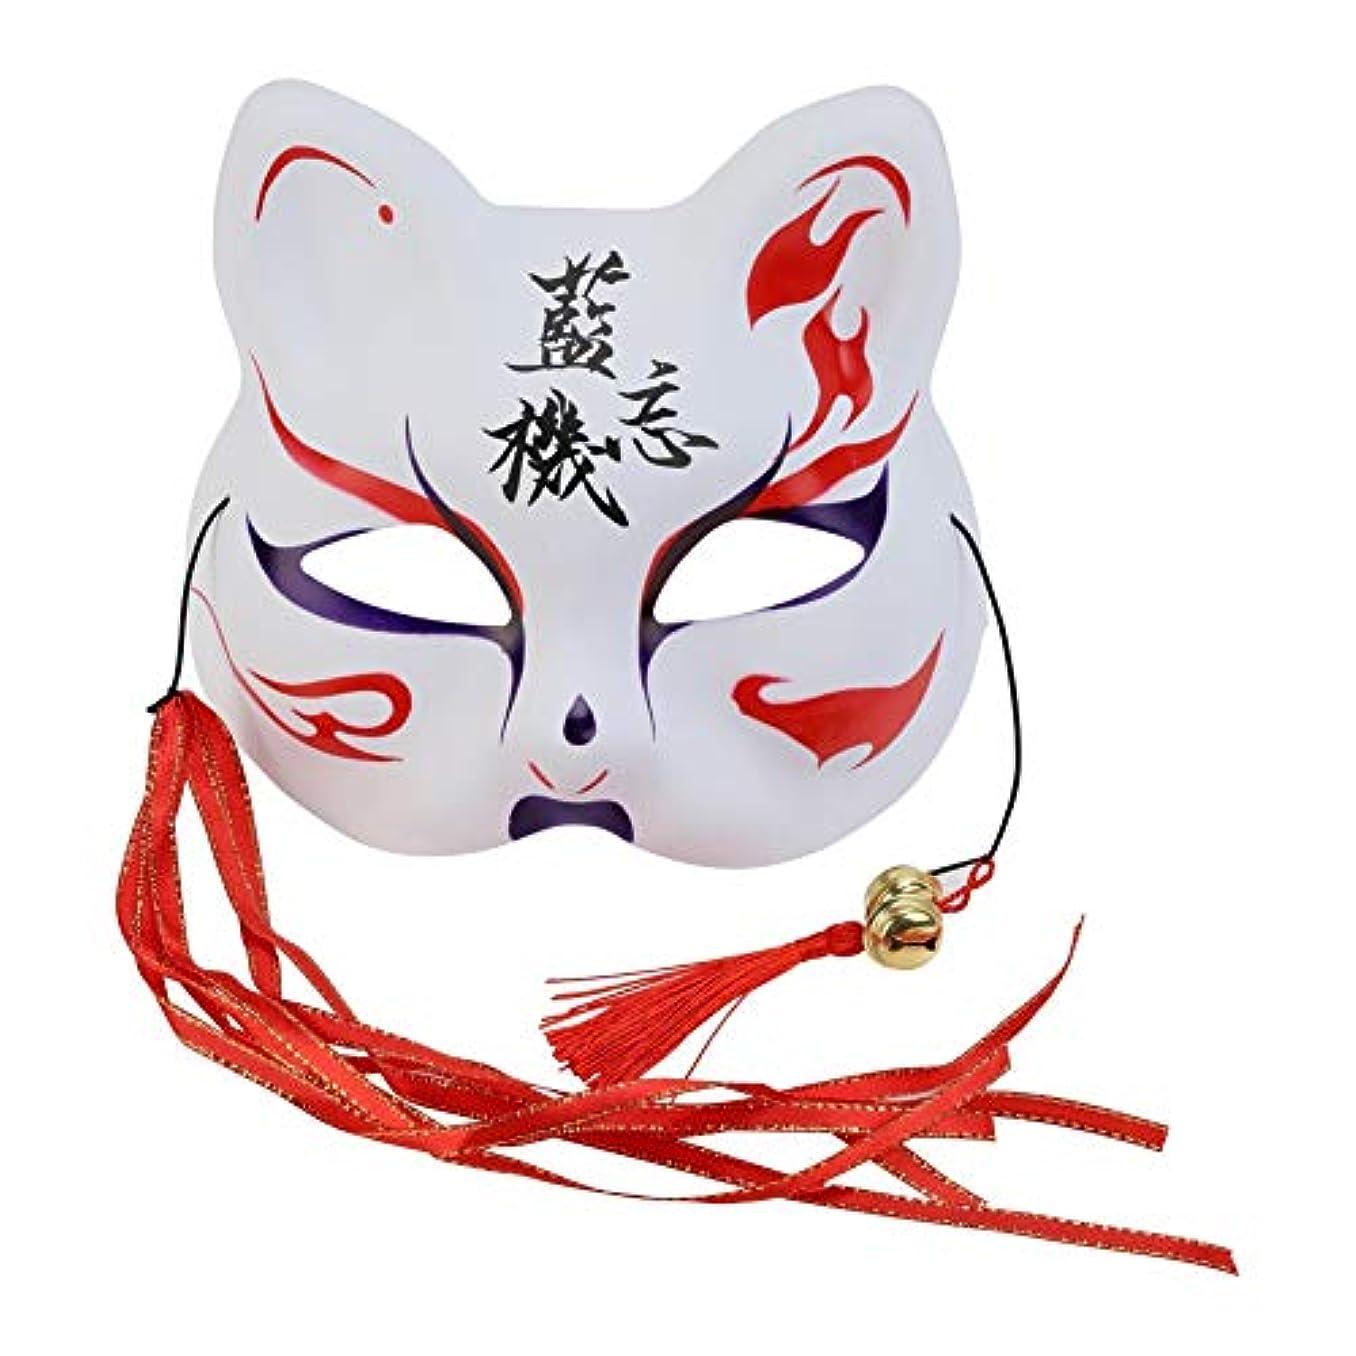 ストローク待つ記念日KISSION 仮面 キツネの仮面 タッセルと小さな鐘 フォックスマスク ユニセックス パーティーマスク小道具 コスプレマスク プラスチックマスク